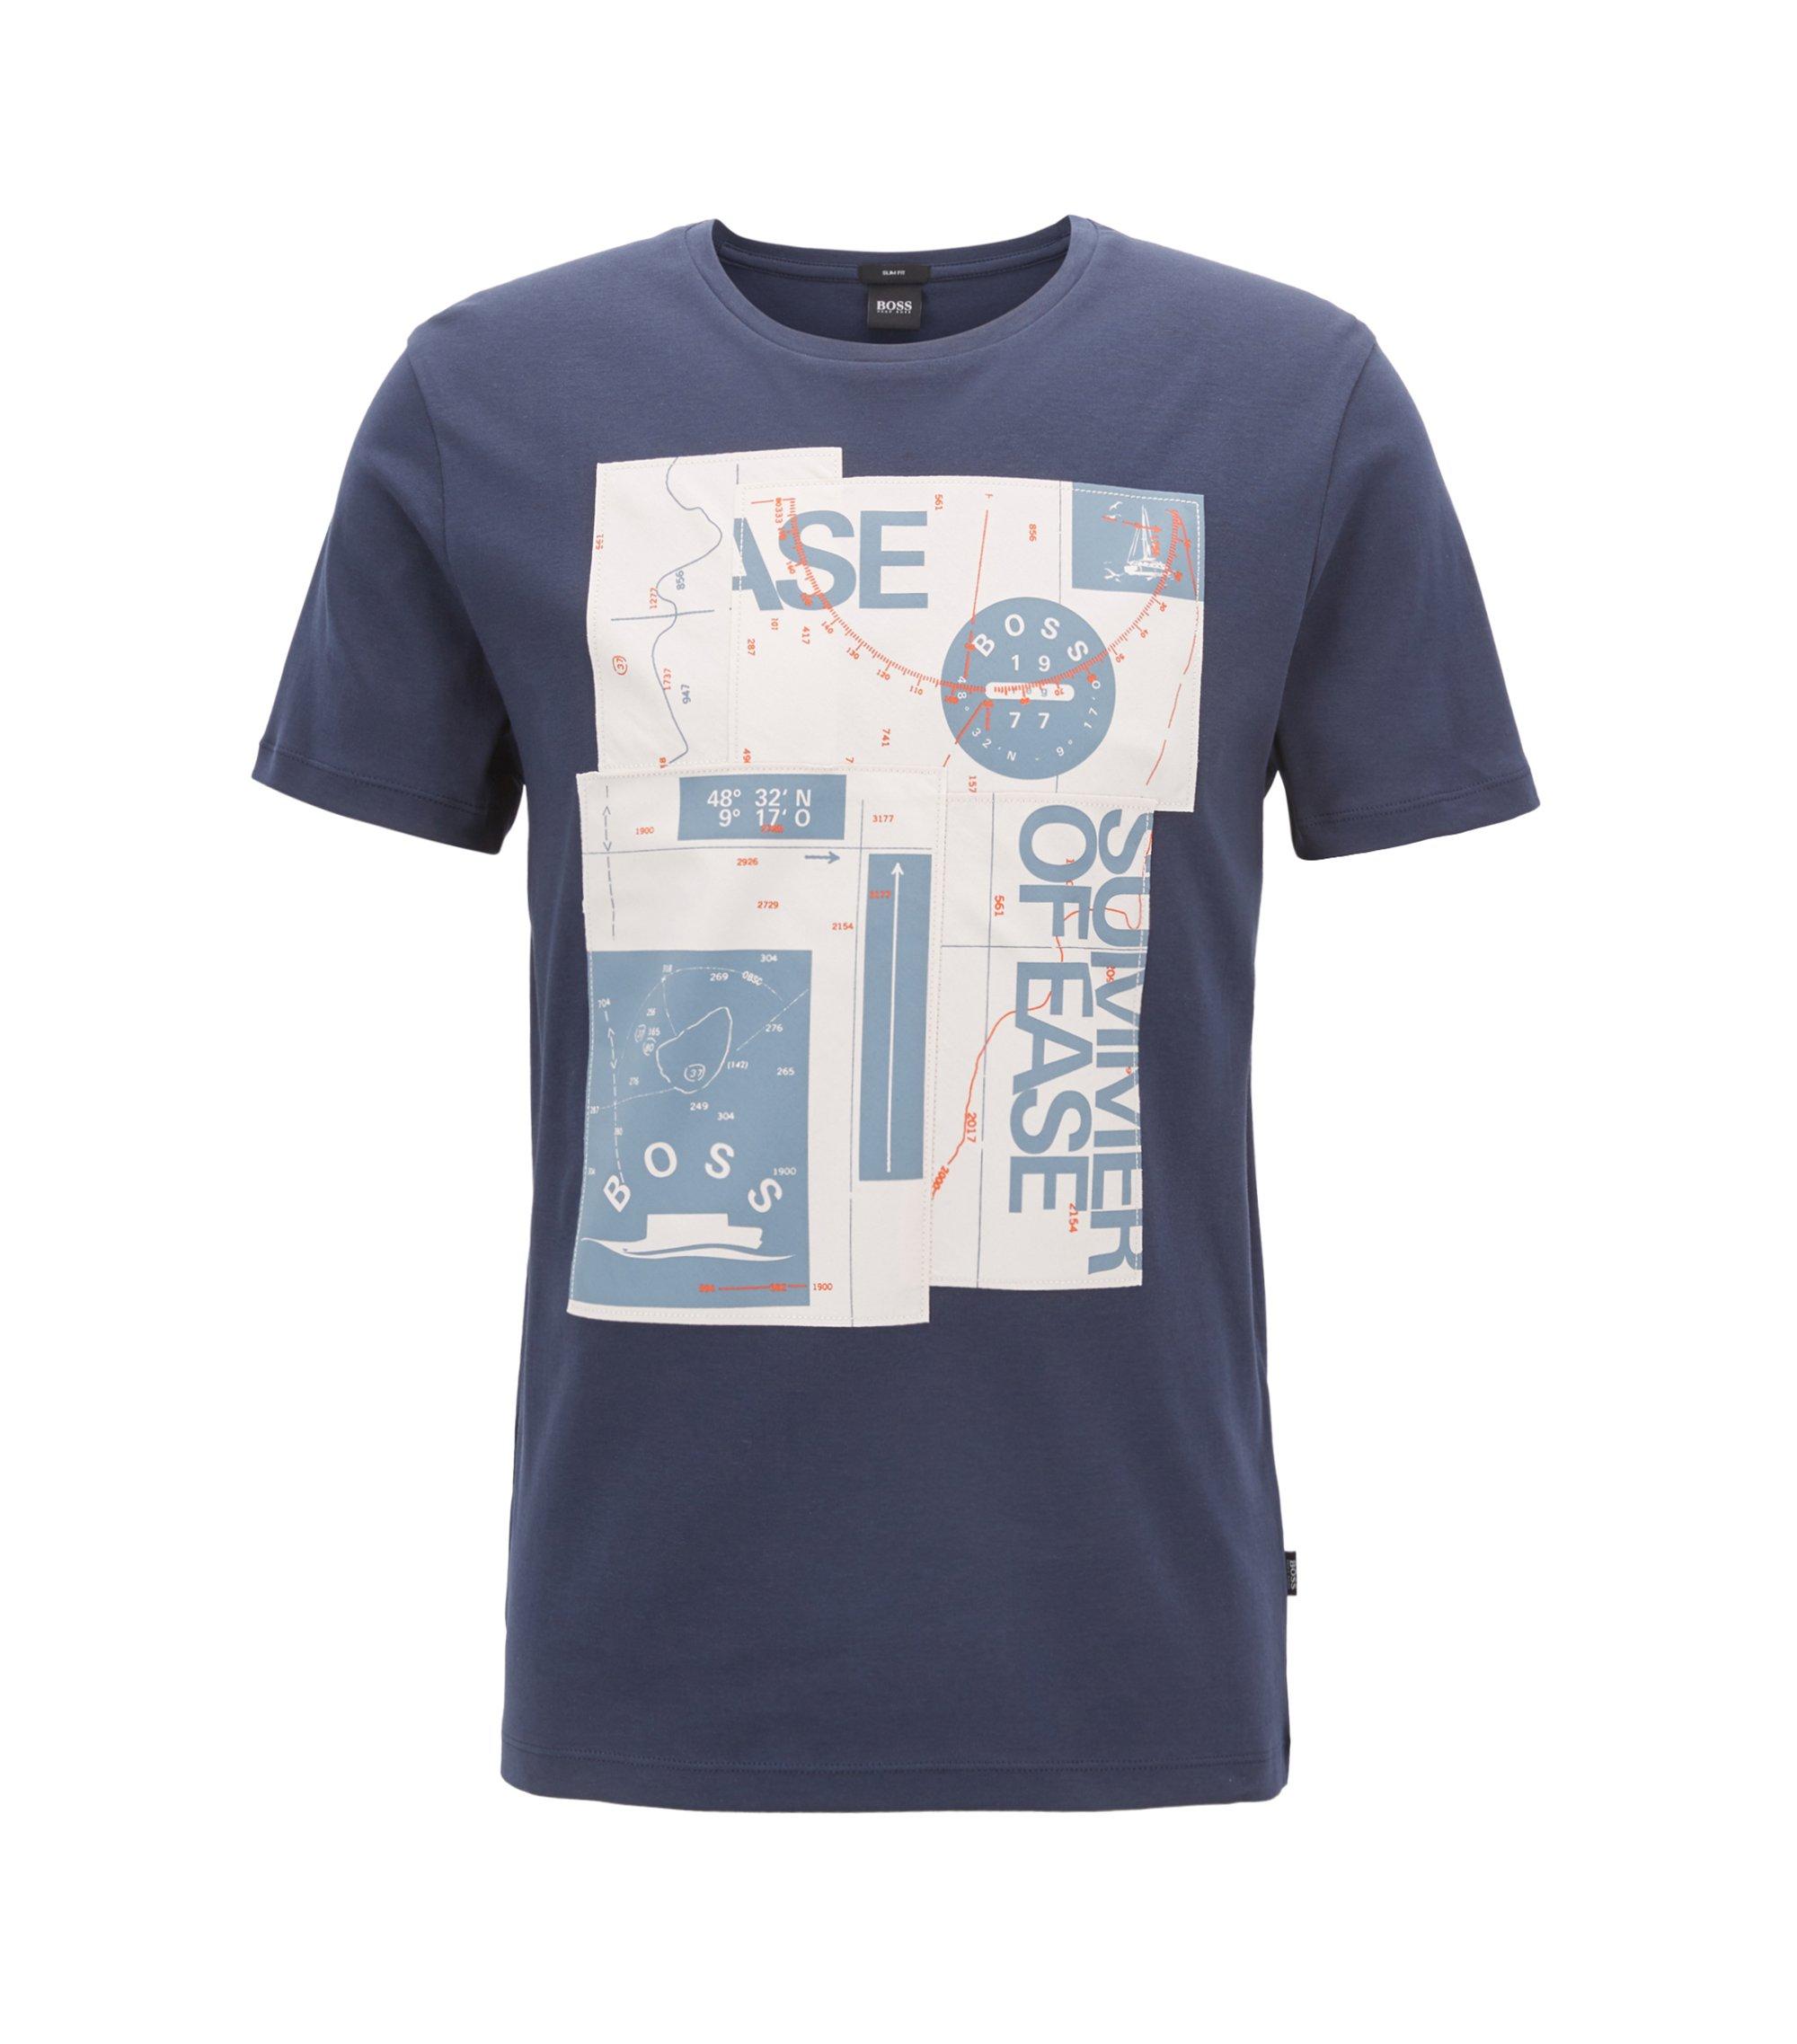 T-shirt Slim Fit en coton interlock à imprimé marin, Bleu foncé